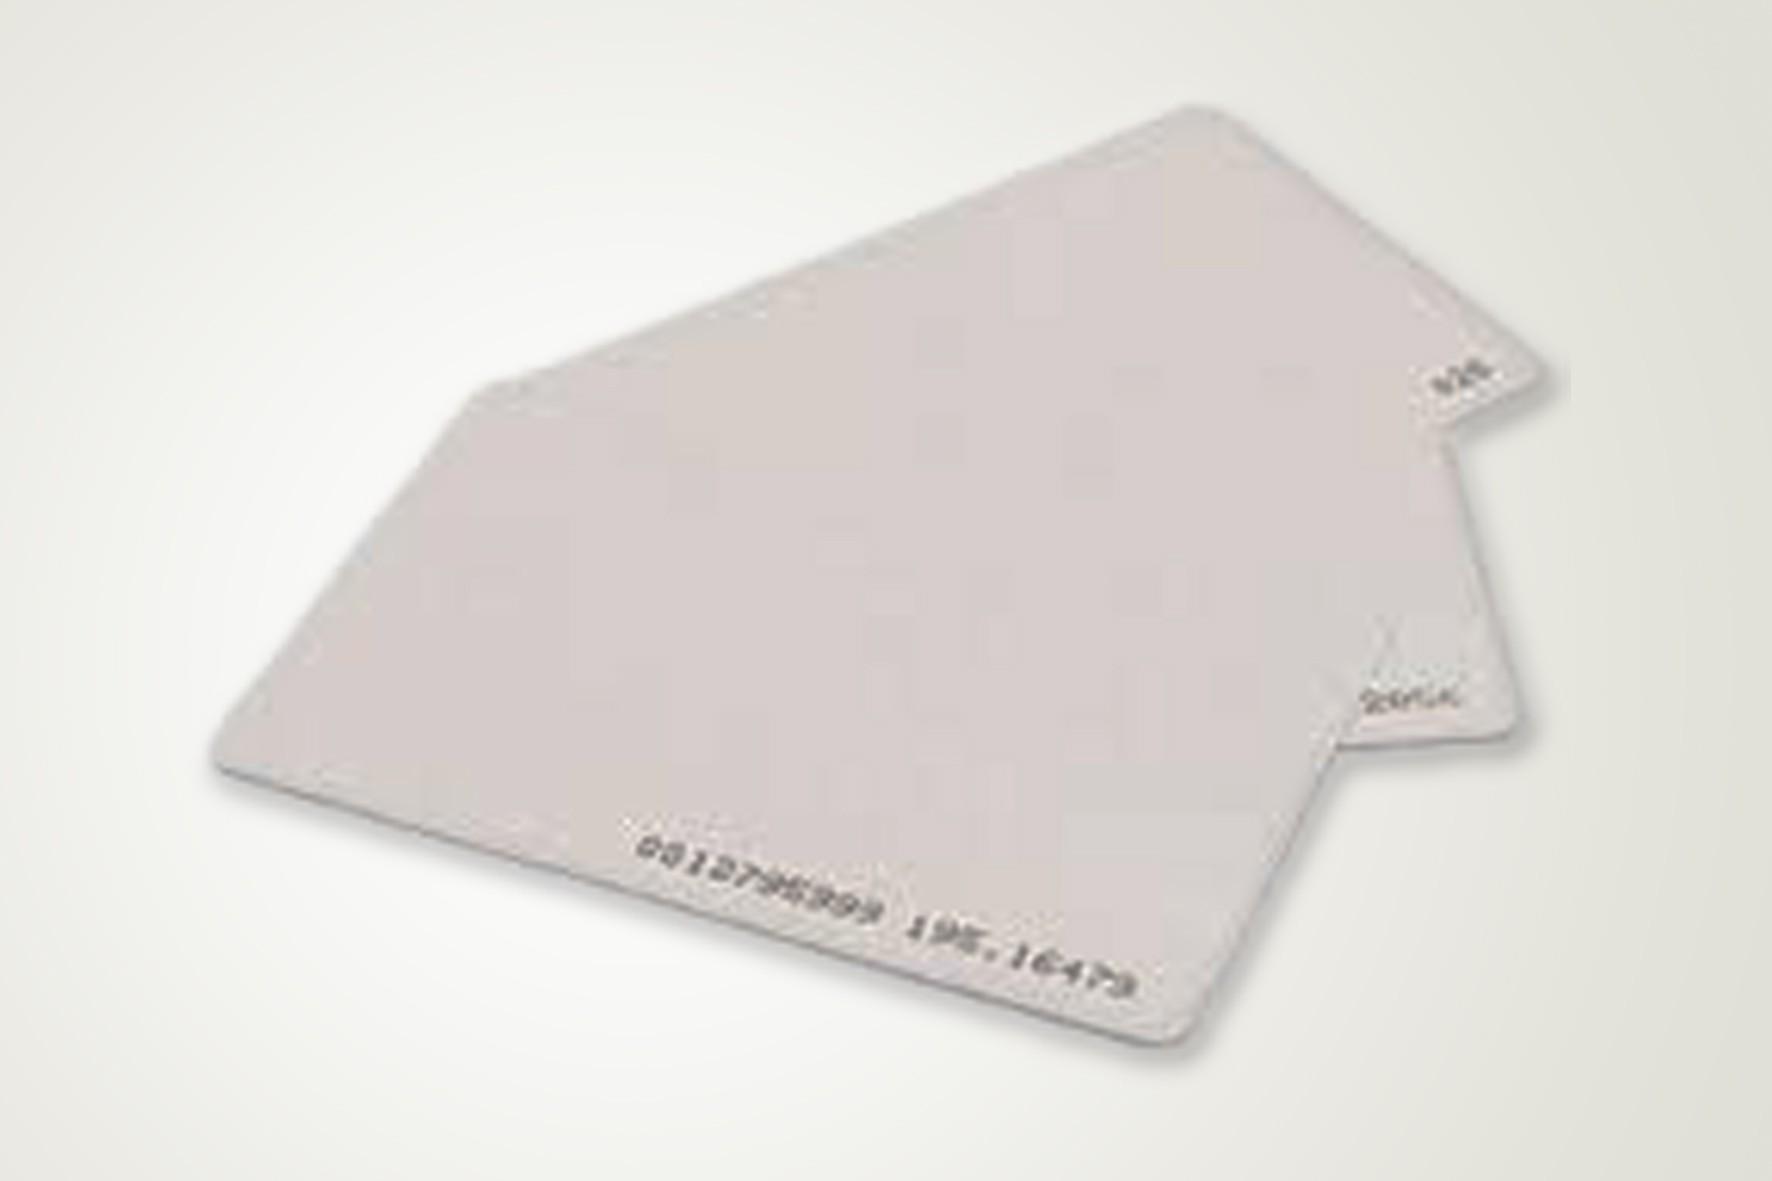 Cartões com Chip de Proximidade da Vila Siqueira - Cartão de Pvc com Chip